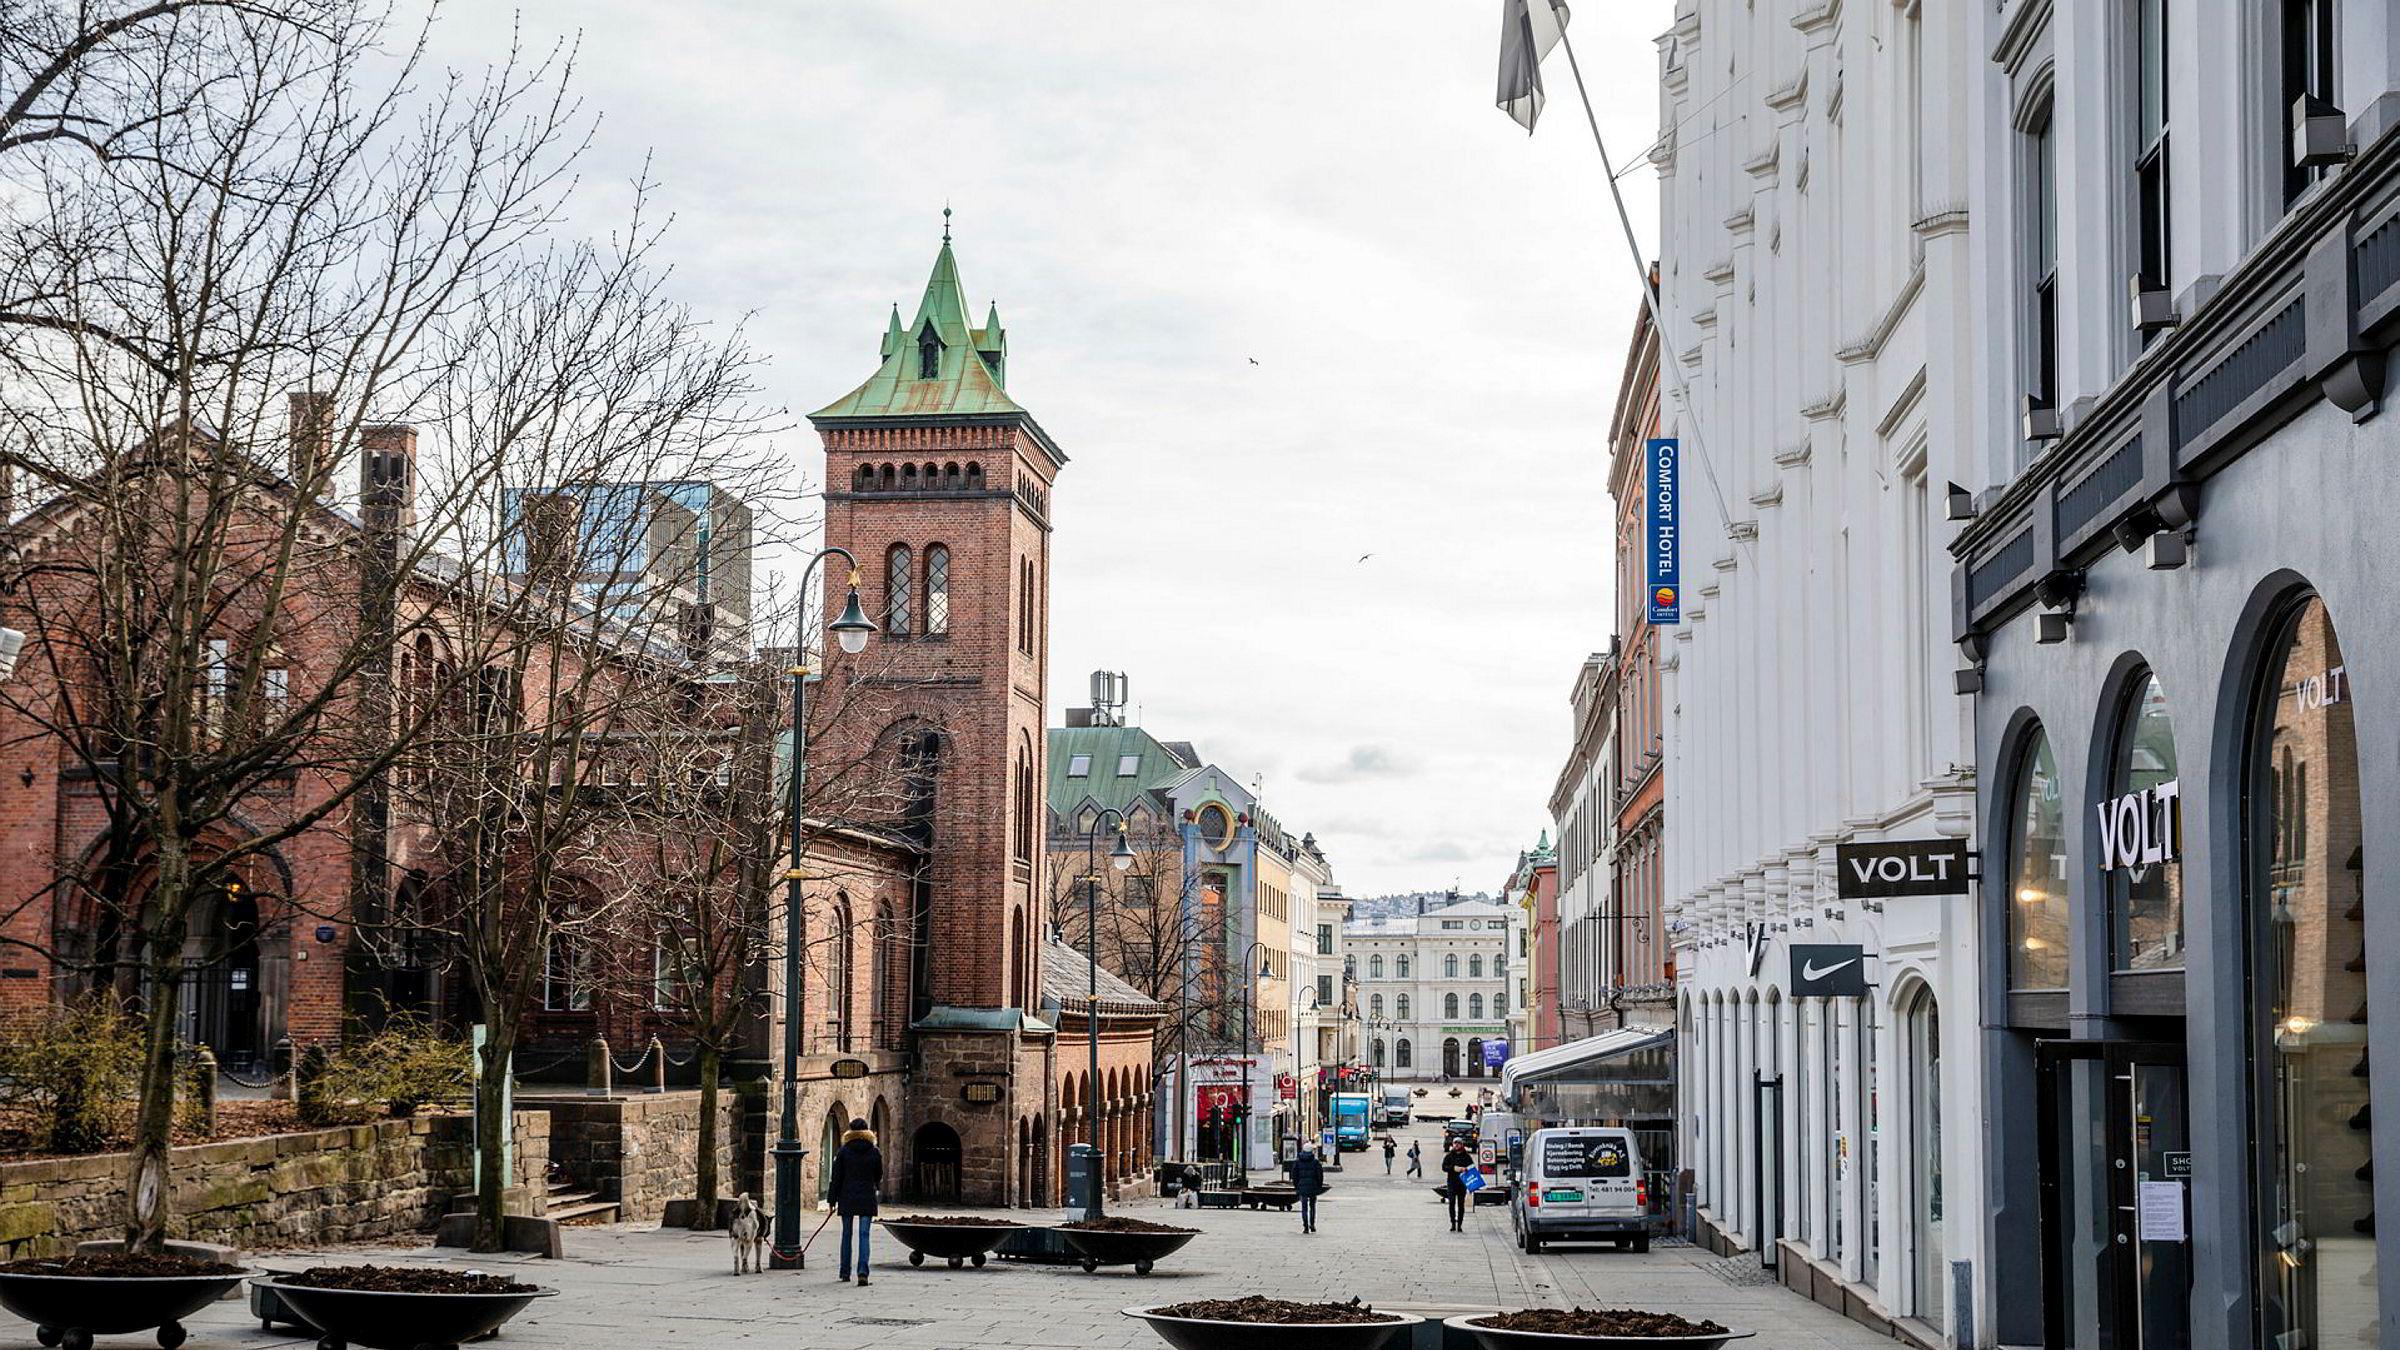 Google publiserer rapporter som viser at besøk i områder med restauranter, kino, shoppingsentre og lignende har falt med mer enn 60 prosent i perioden fra midten av mars til 5. april, sammenlignet med ukene før vi stengte ned. Her fra en nesten folketom Karl Johans gate i Oslo.